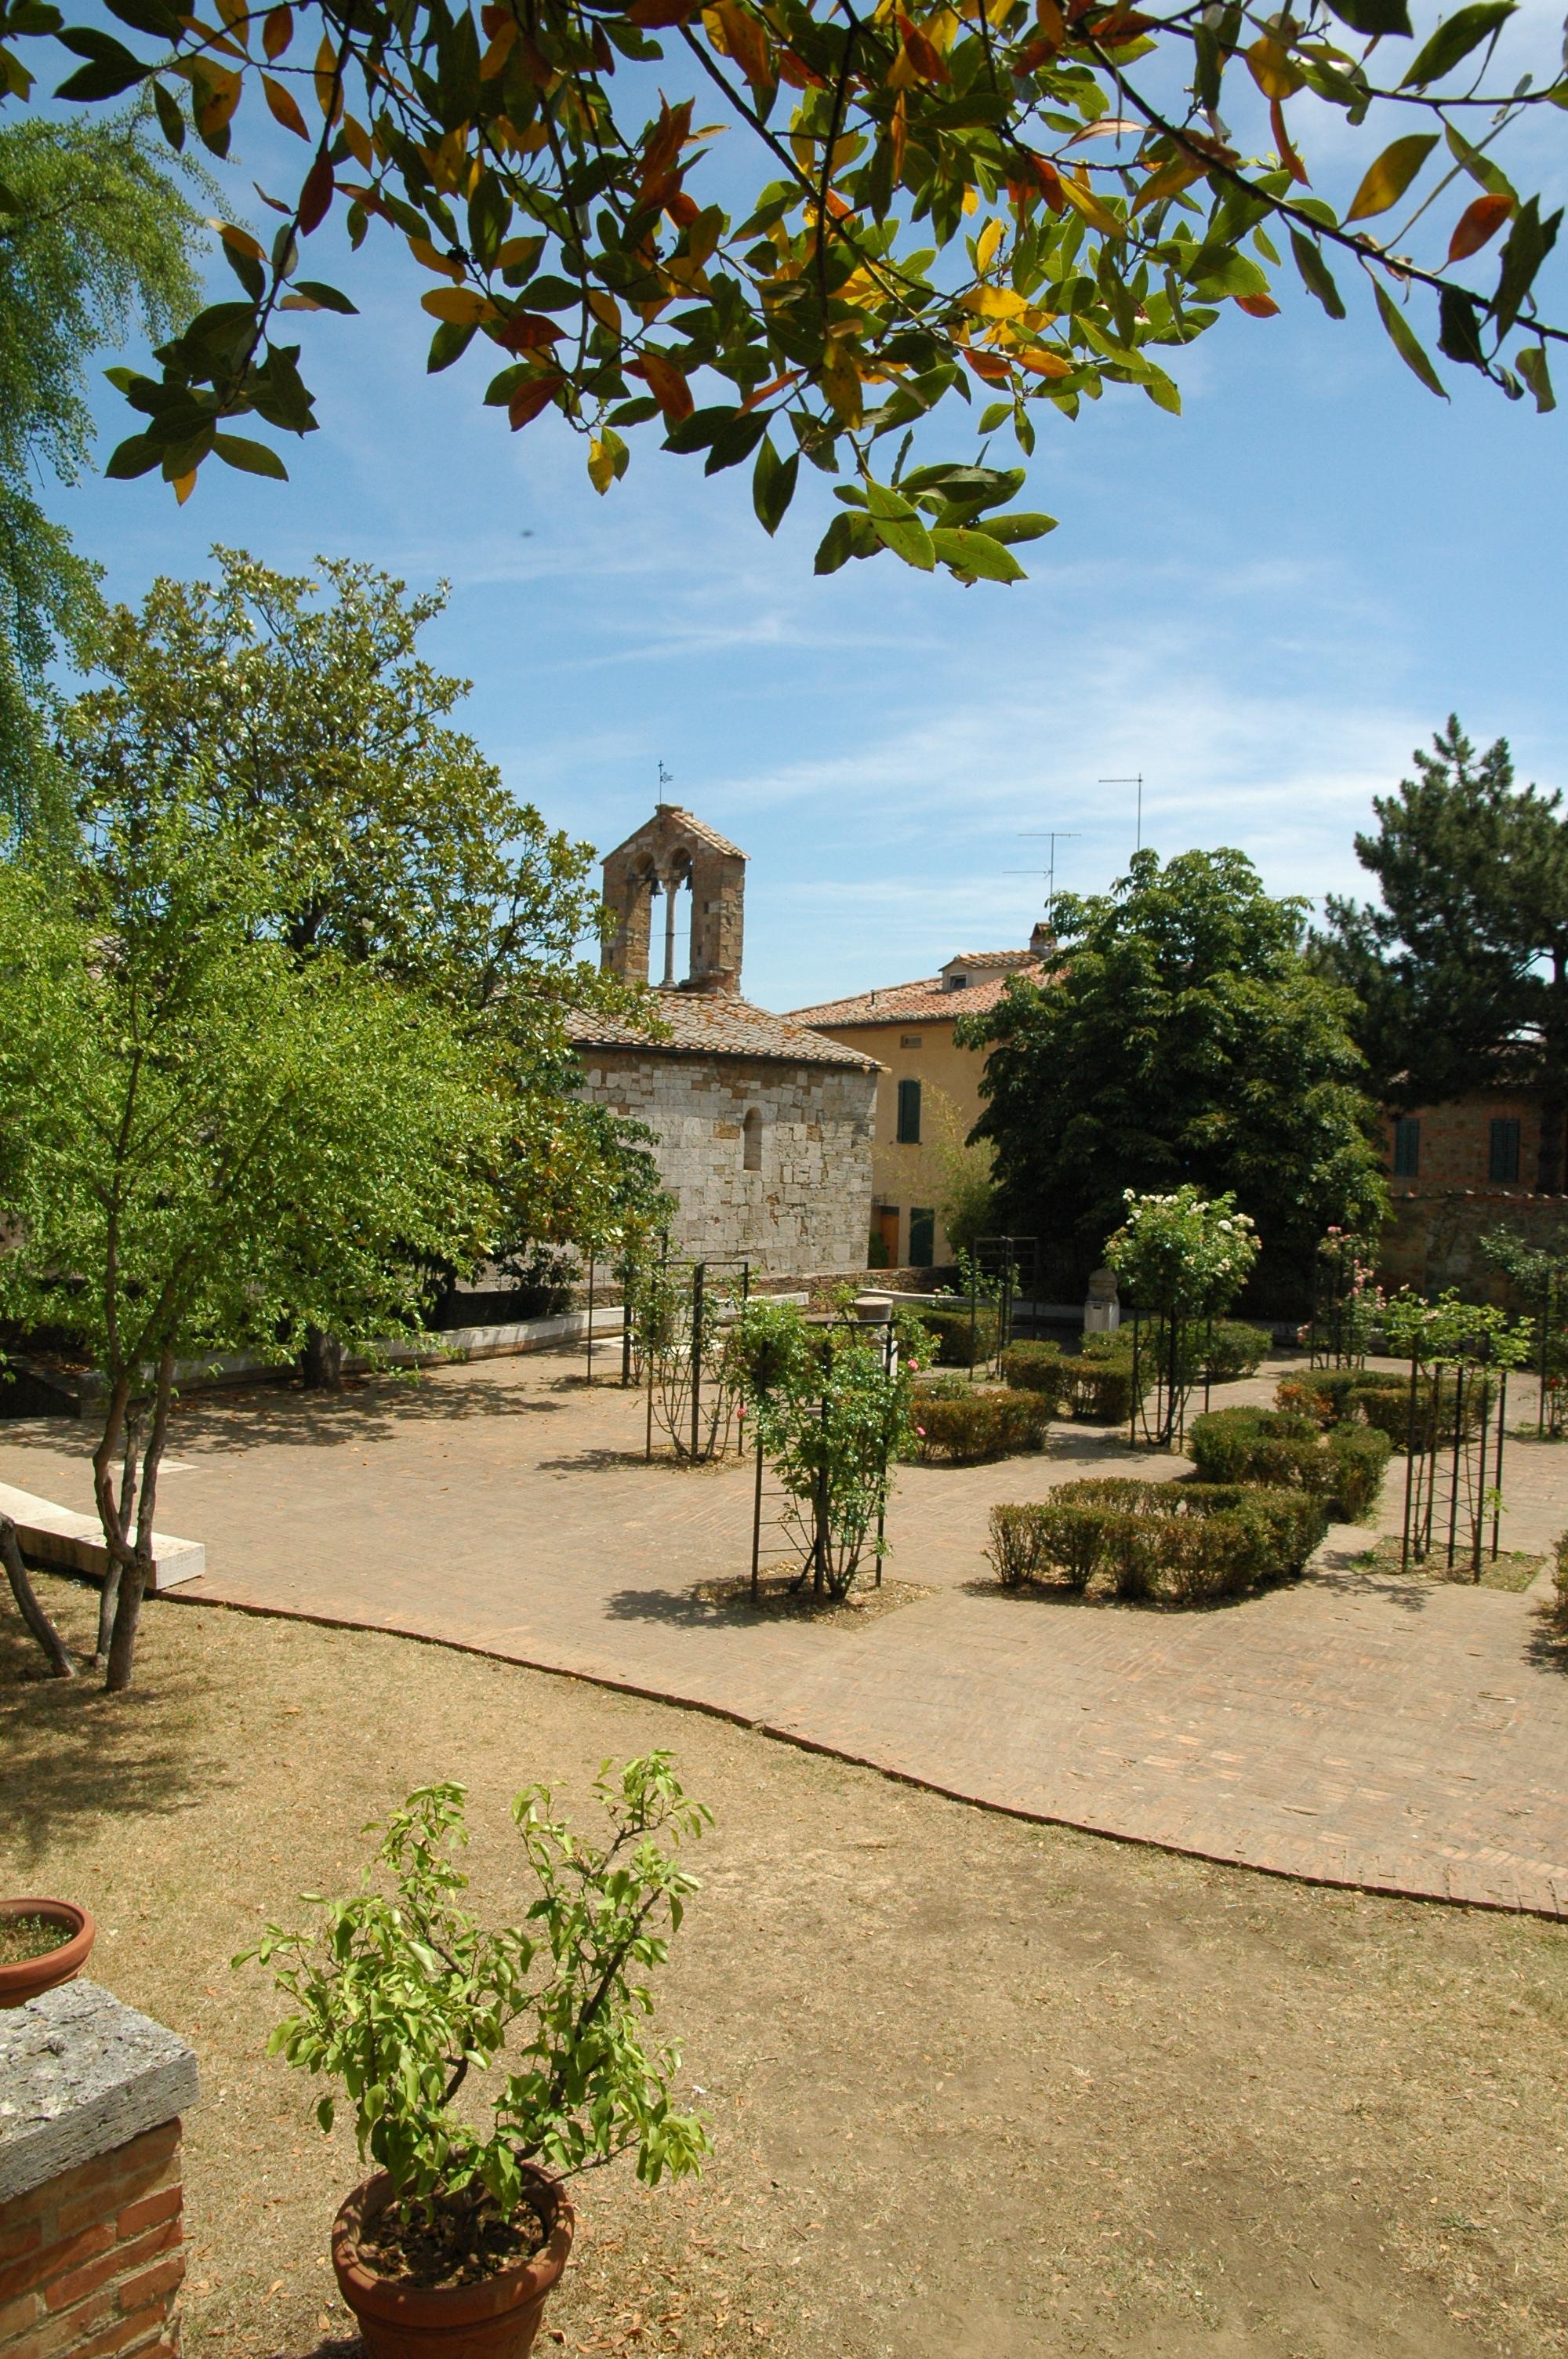 Giardino delle Rose, Horti Leonini, San Quirico d'Orcia